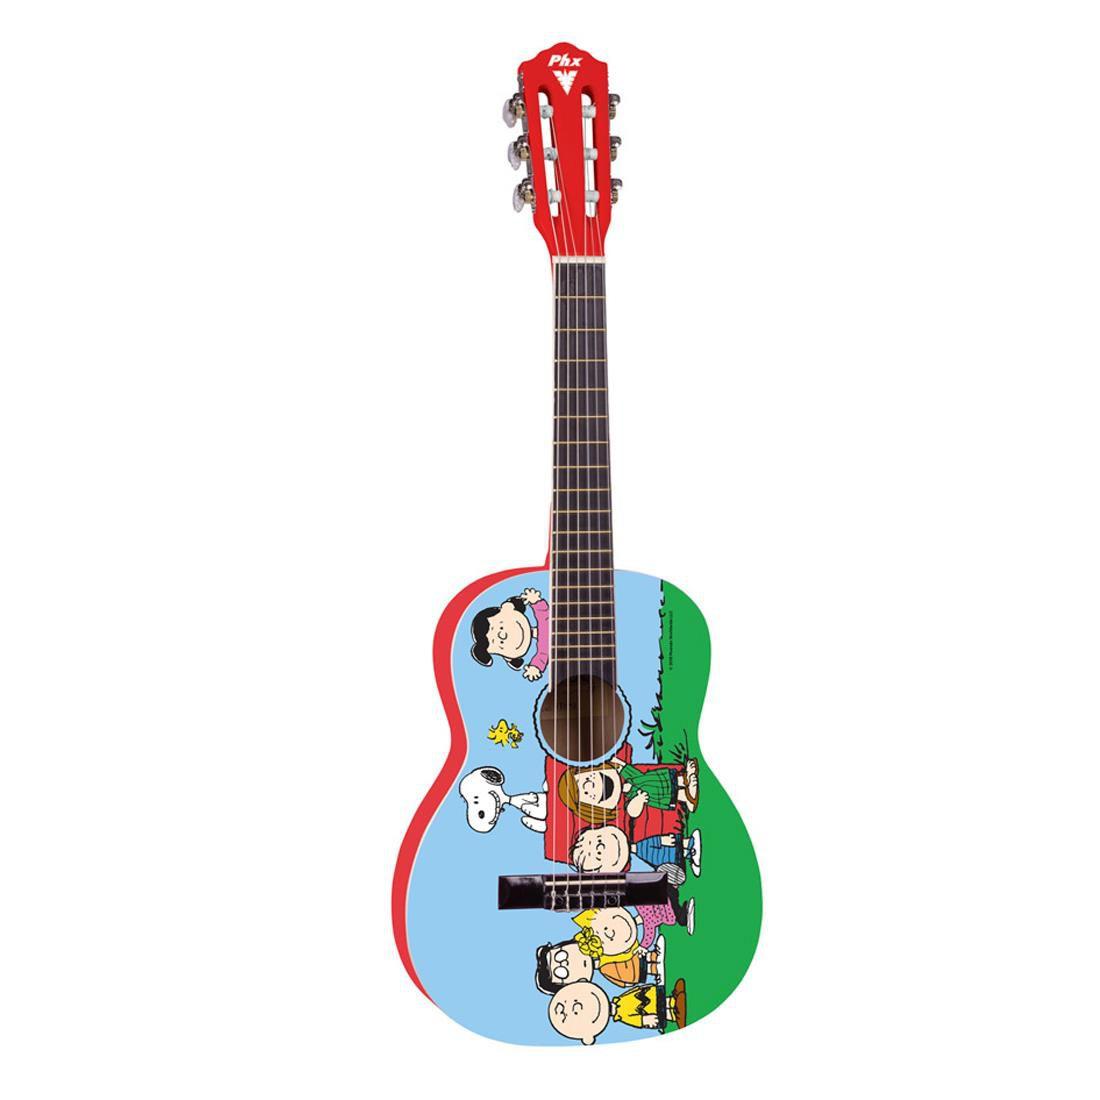 Violão Infantil Phx Peanuts Vis-a1 Snoopy Amigos + Capa